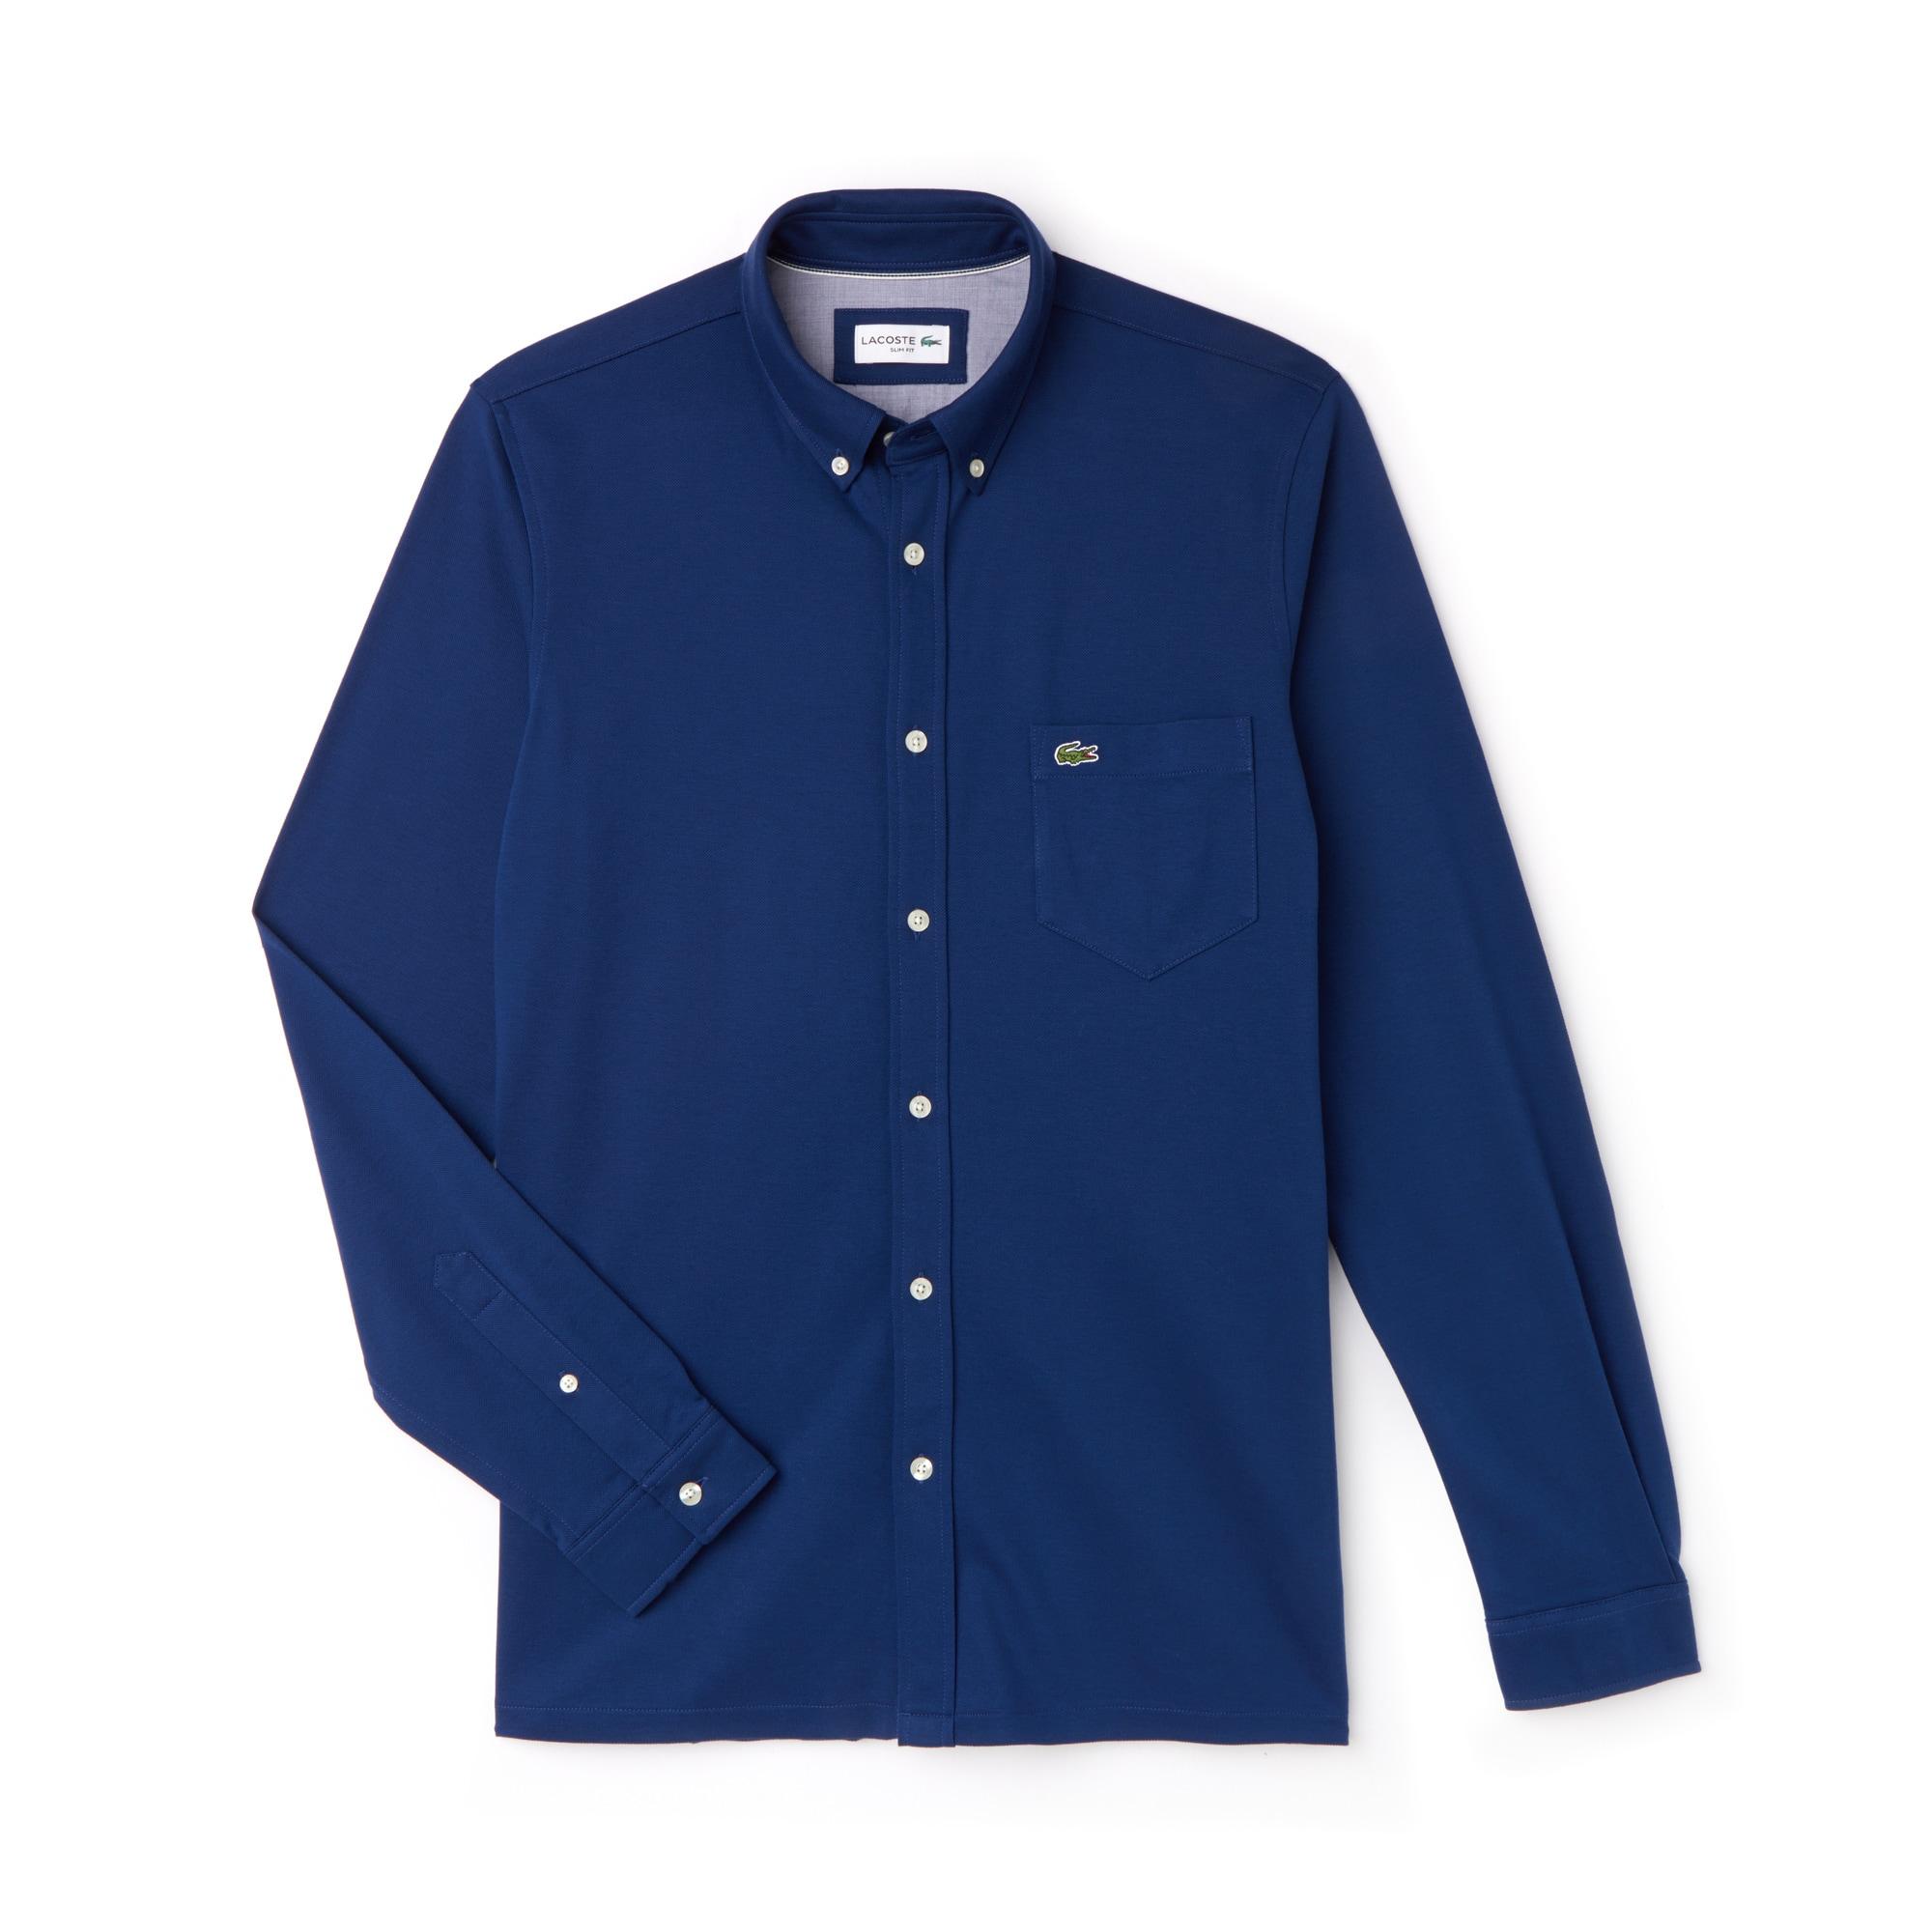 Slim Jersey Uni En Lacoste Chemise Coton Fit De f6dwnqx